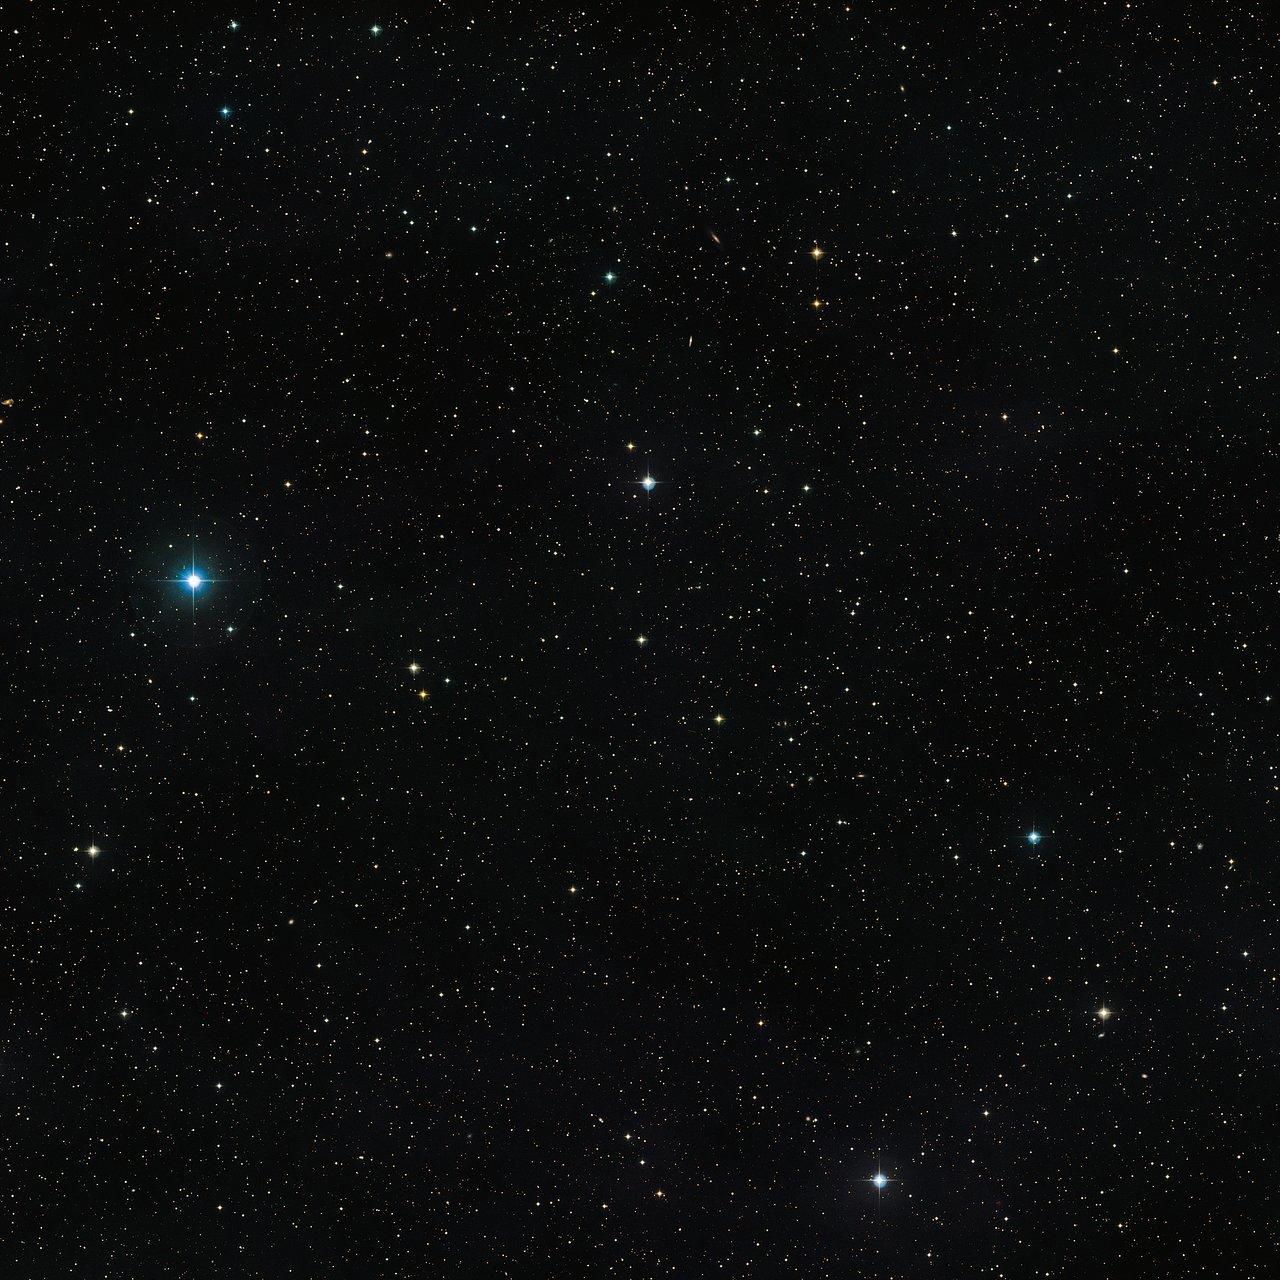 Esta fotografía muestra el cielo que rodea a la inusual estrella doble  V471 Tauri. El propio objeto es visible en el centro de la imagen como una estrella de apariencia anodina y brillo moderado. Esta fotografía fue creada a partir imágenes del sondeo Digitized Sky Survey 2.